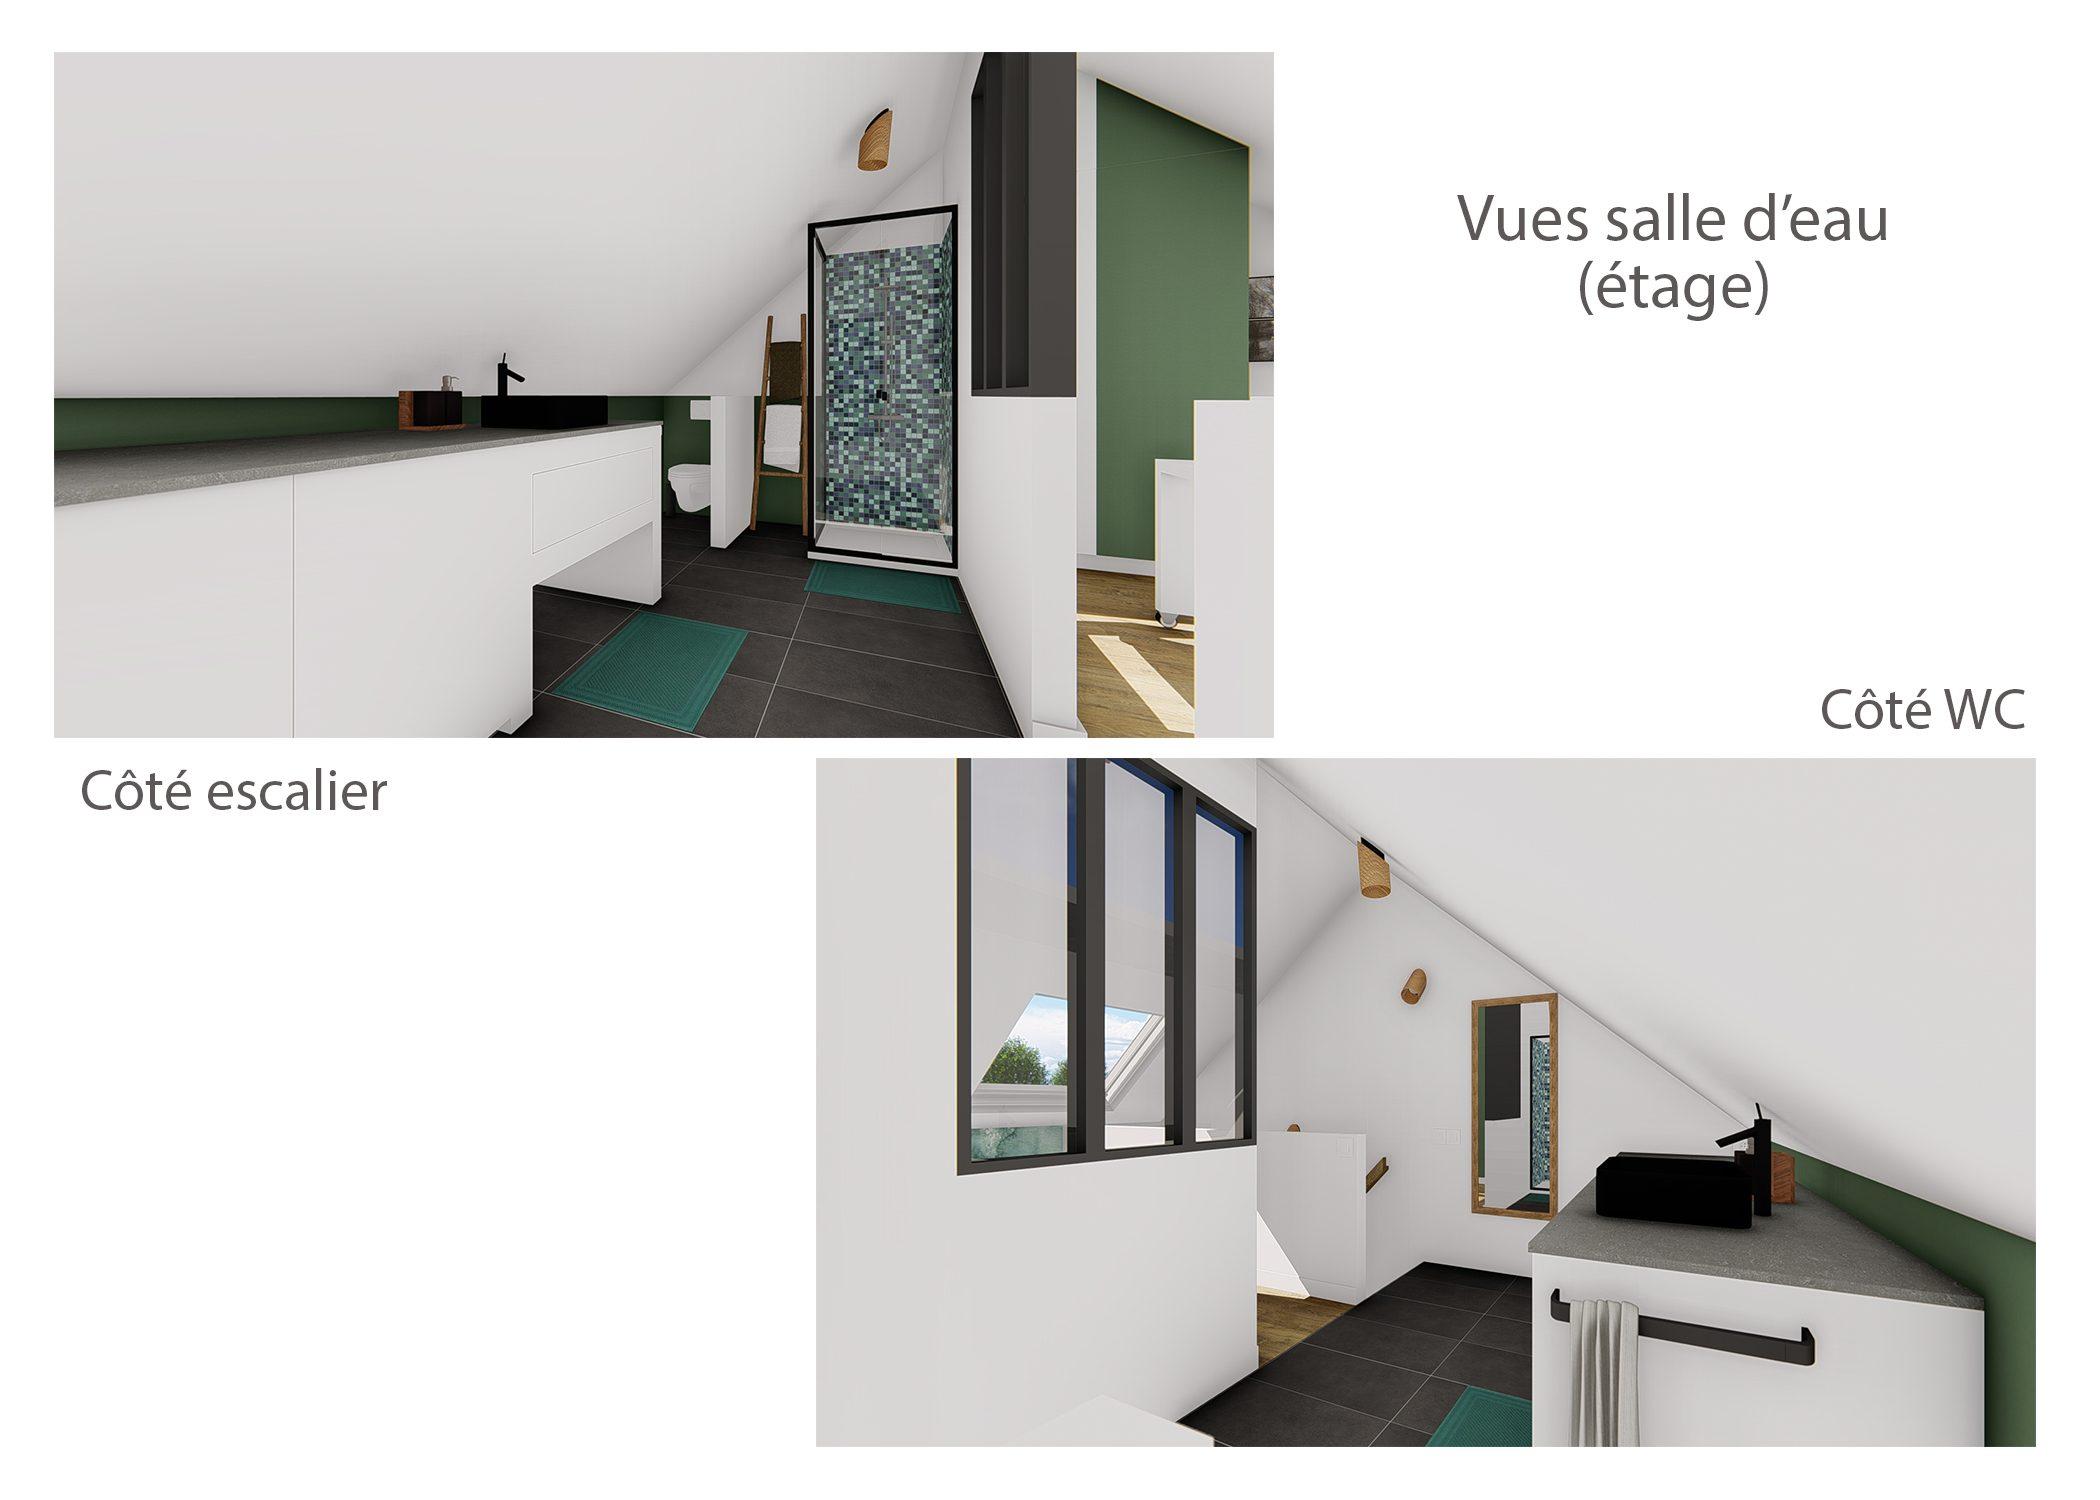 agencement petit espace-vues salle d'eau-region lyonnaise-dekho design